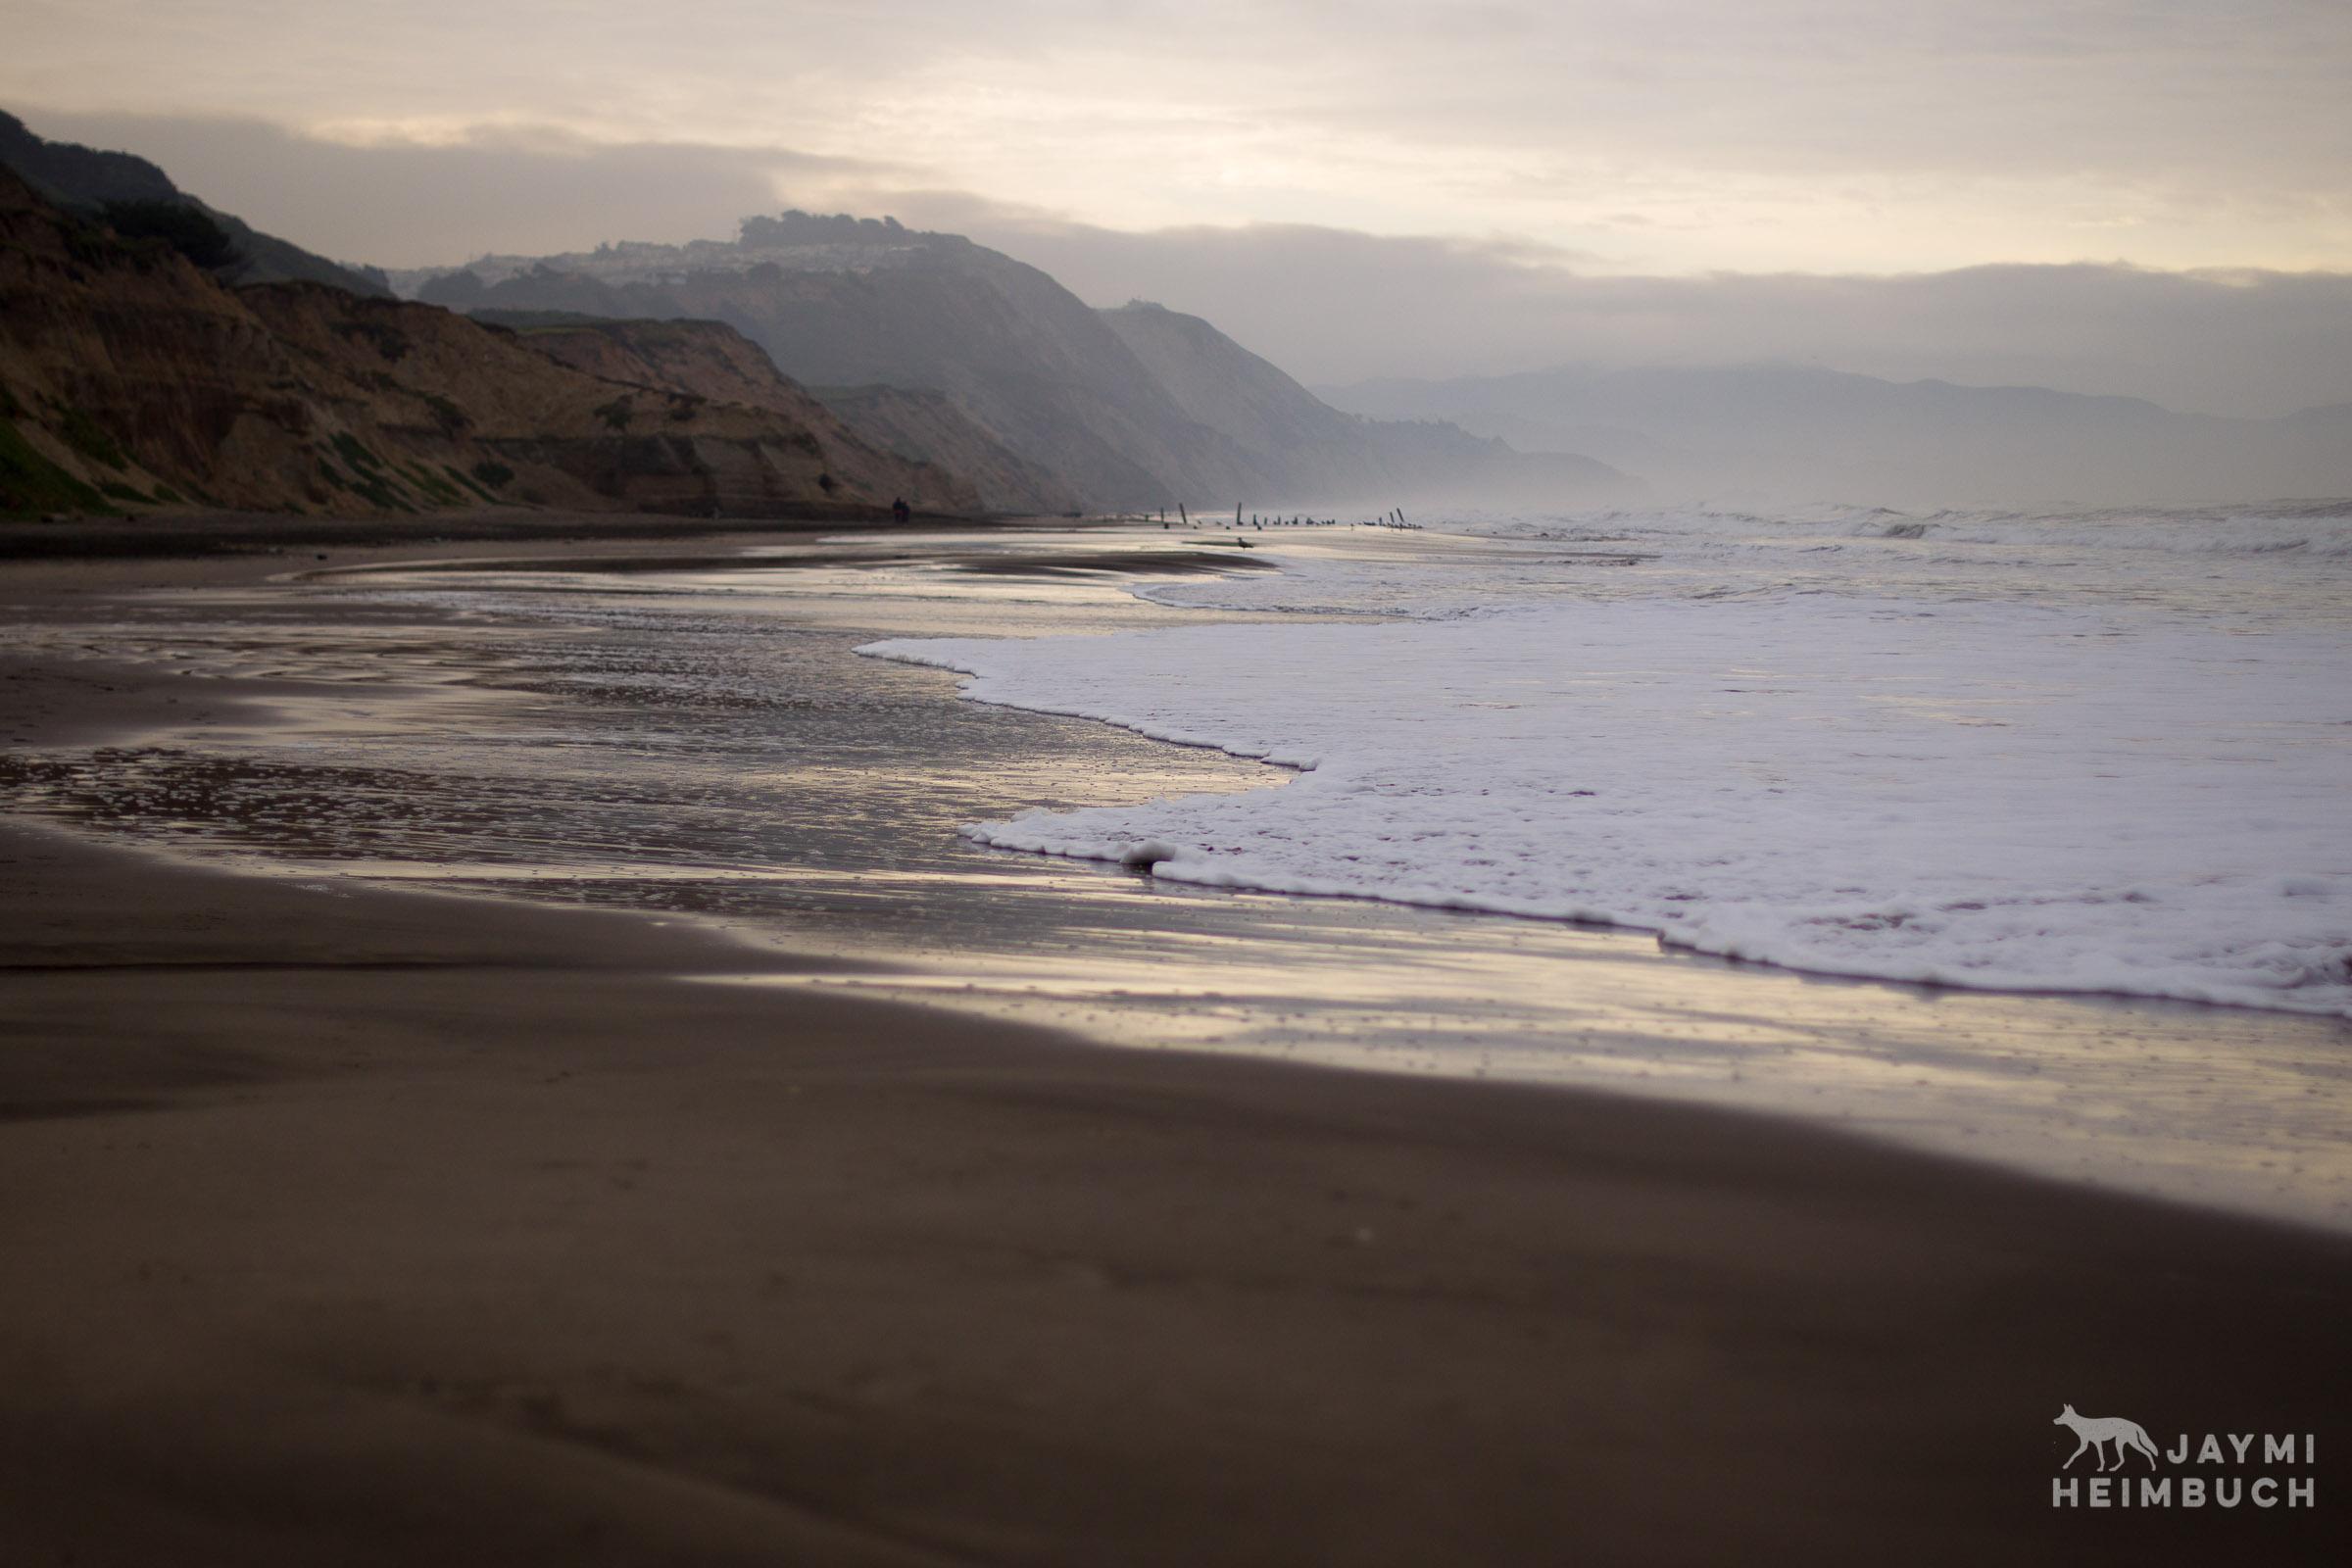 Beach at sunrise